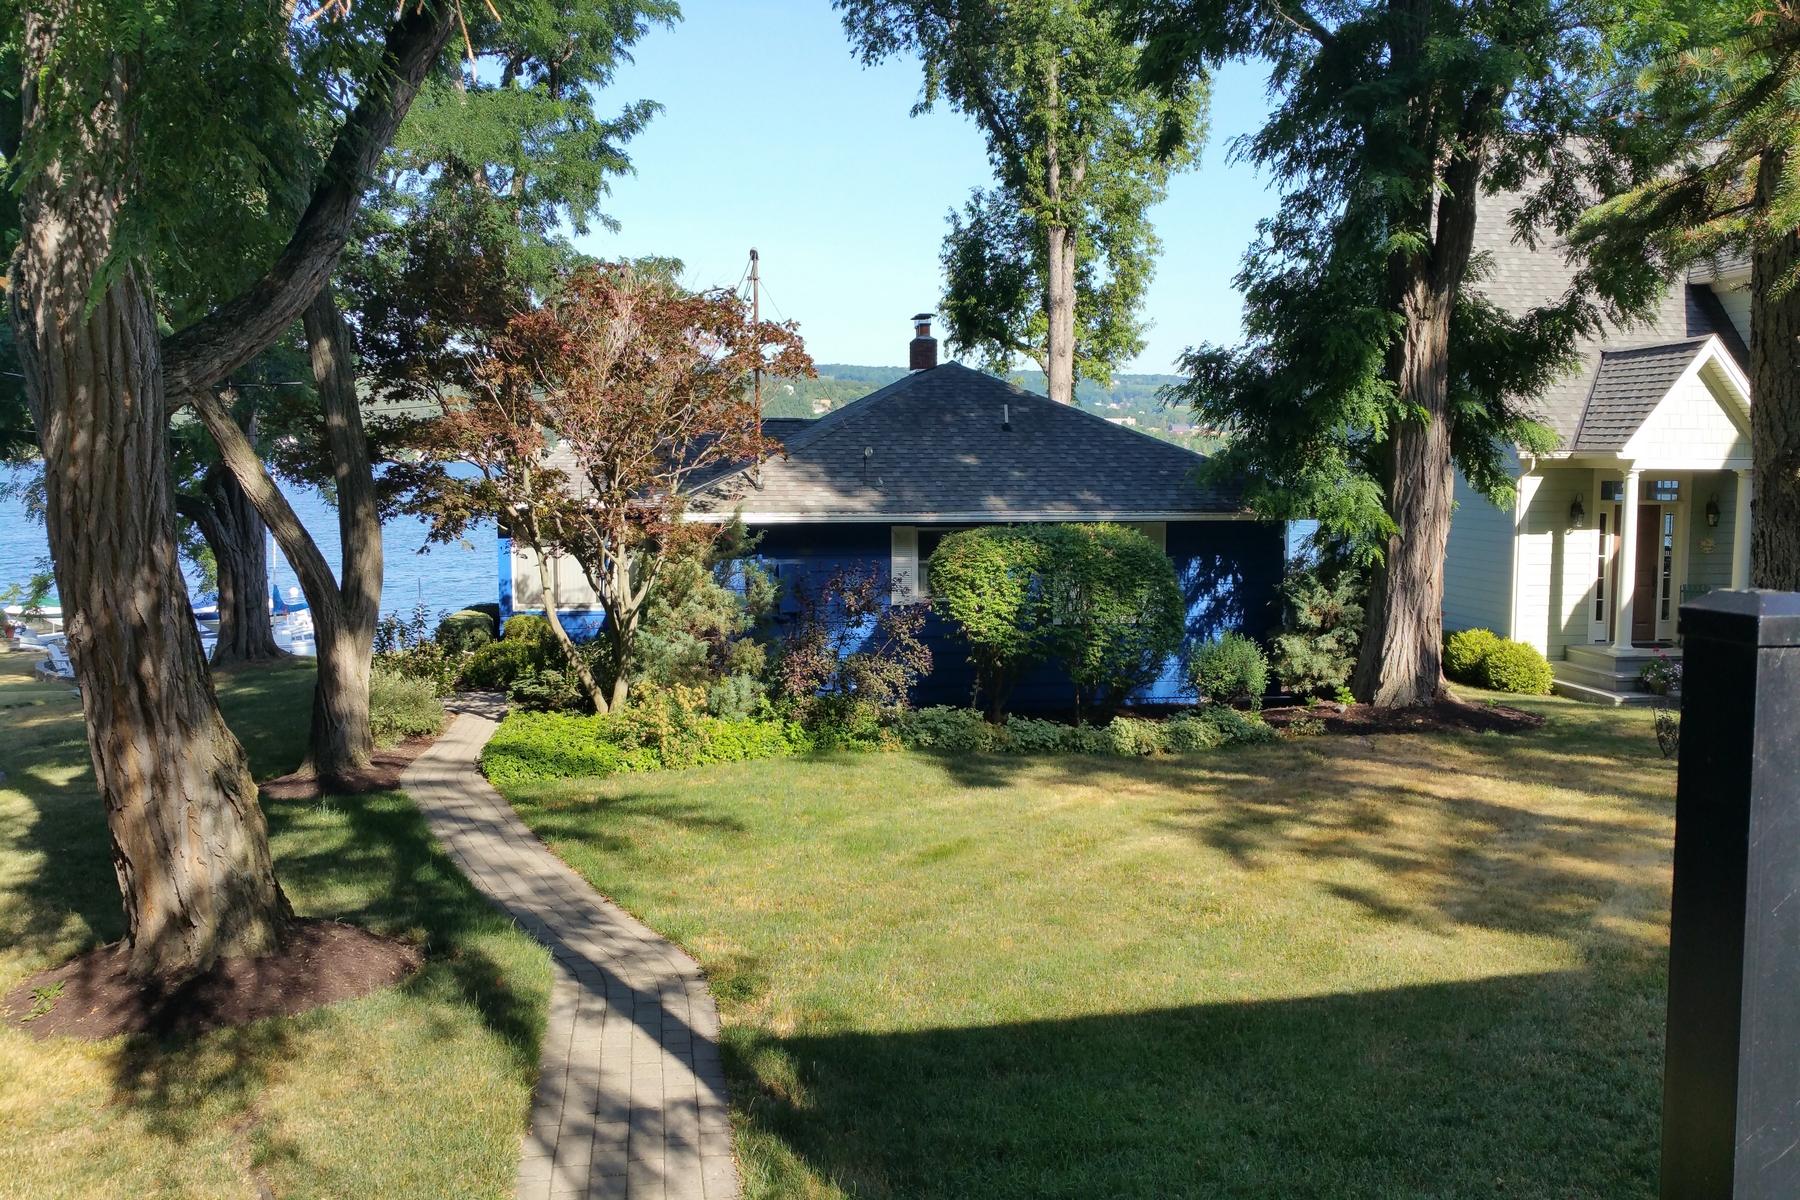 444 E Lake Rd # A, Penn Yan, NY 14527